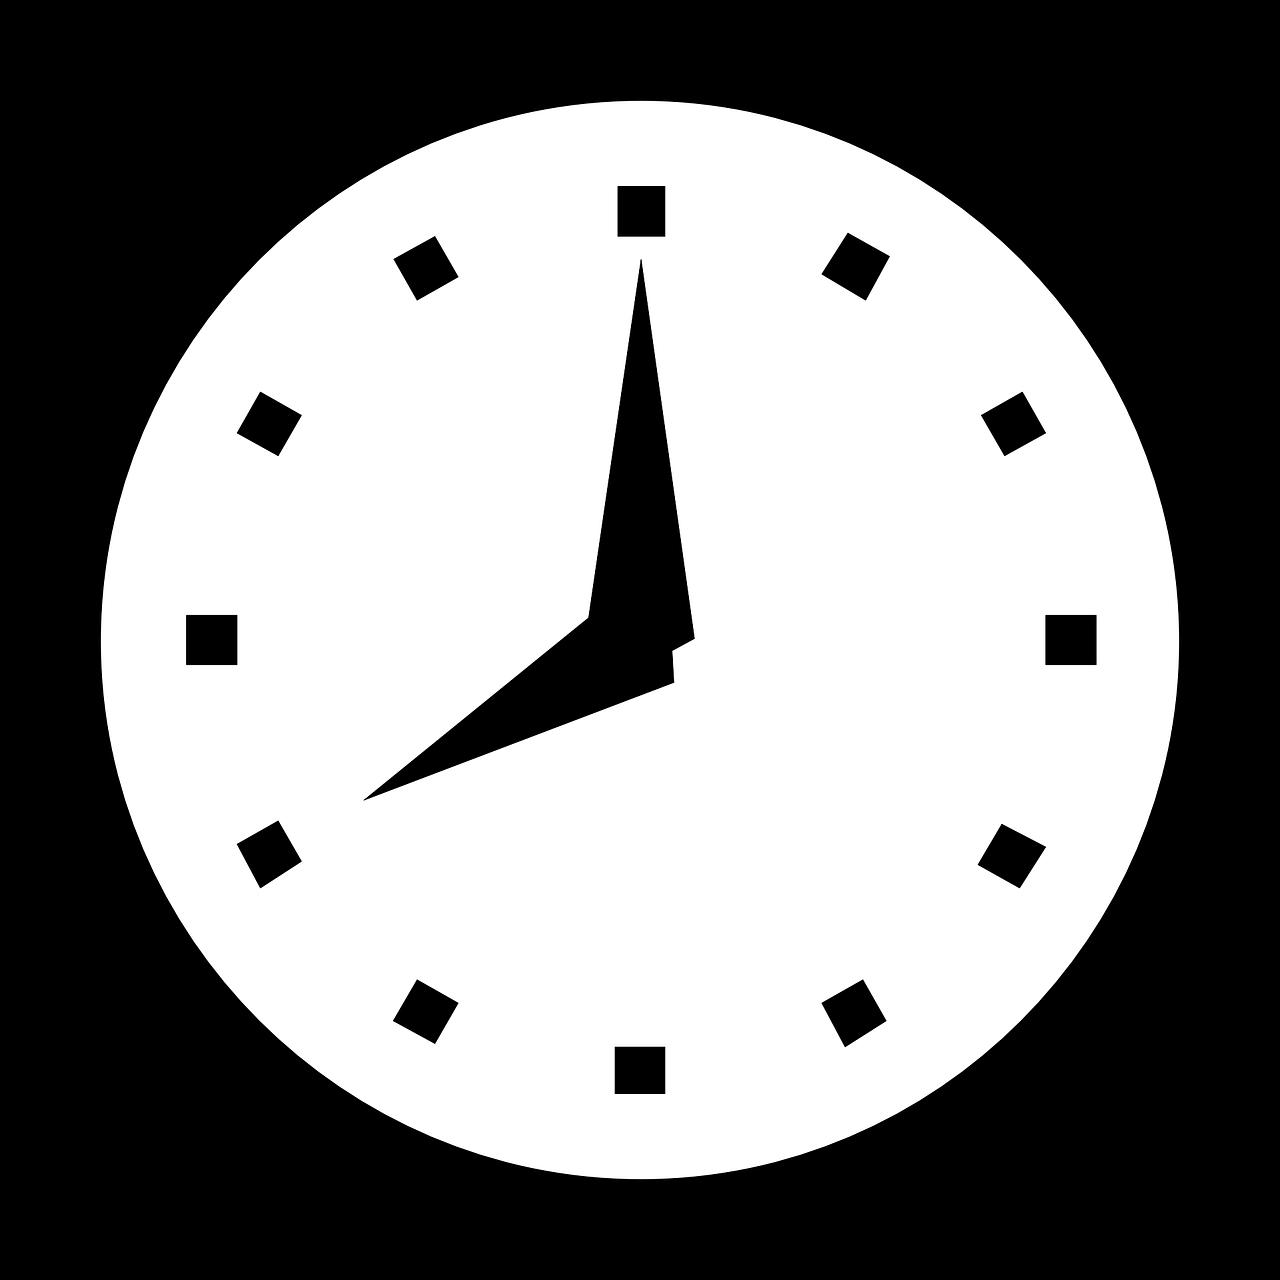 Время векторные картинки